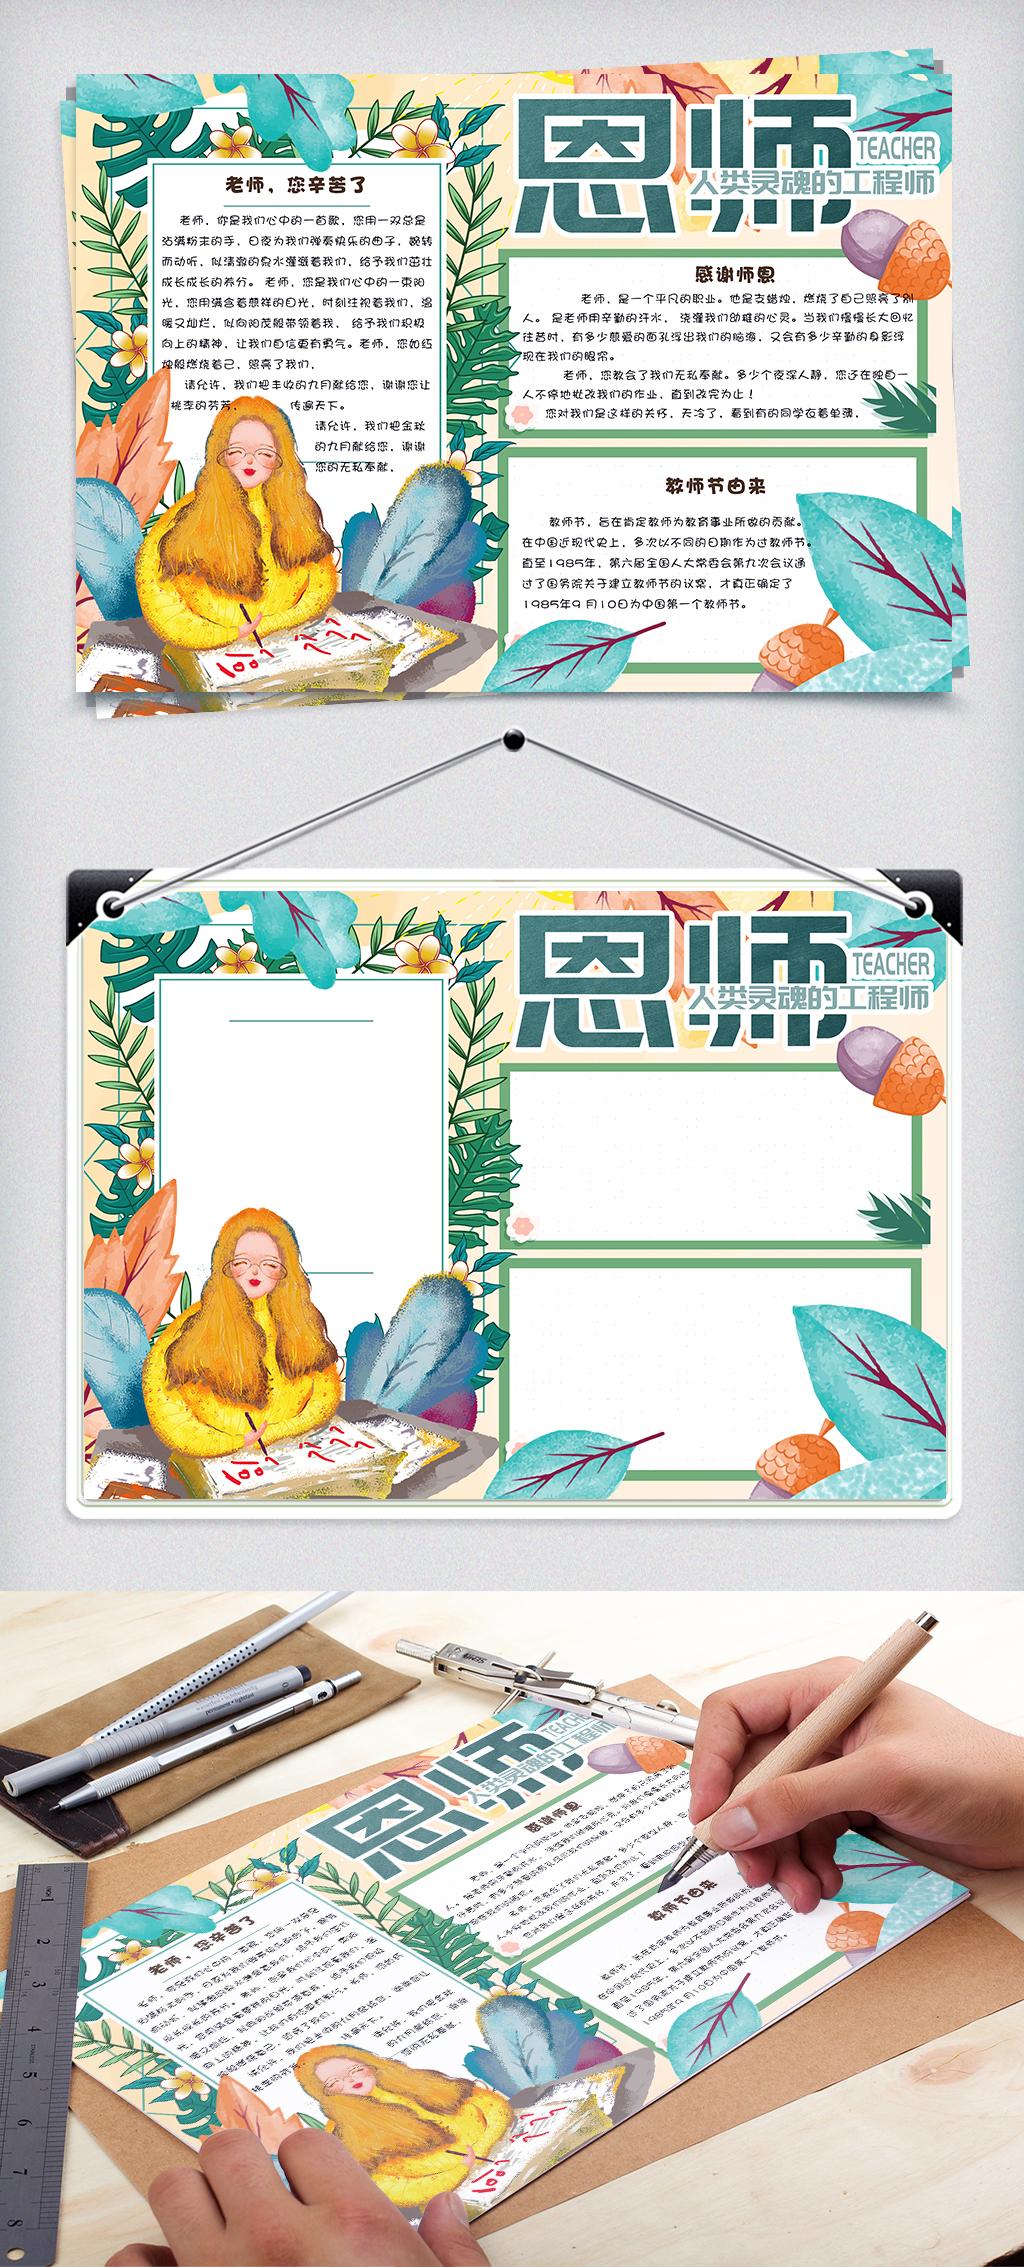 清新手绘校园教师节手抄报小报电子模板